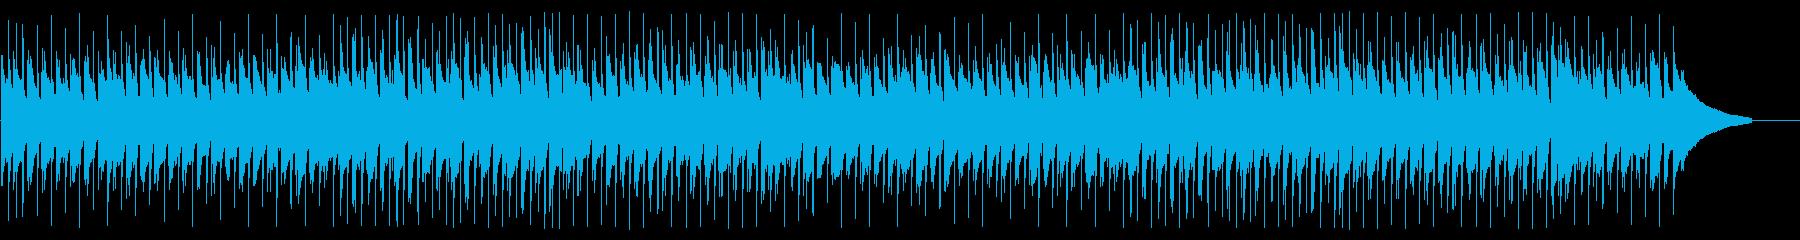 ほのぼのしたアコースティックなポップの再生済みの波形